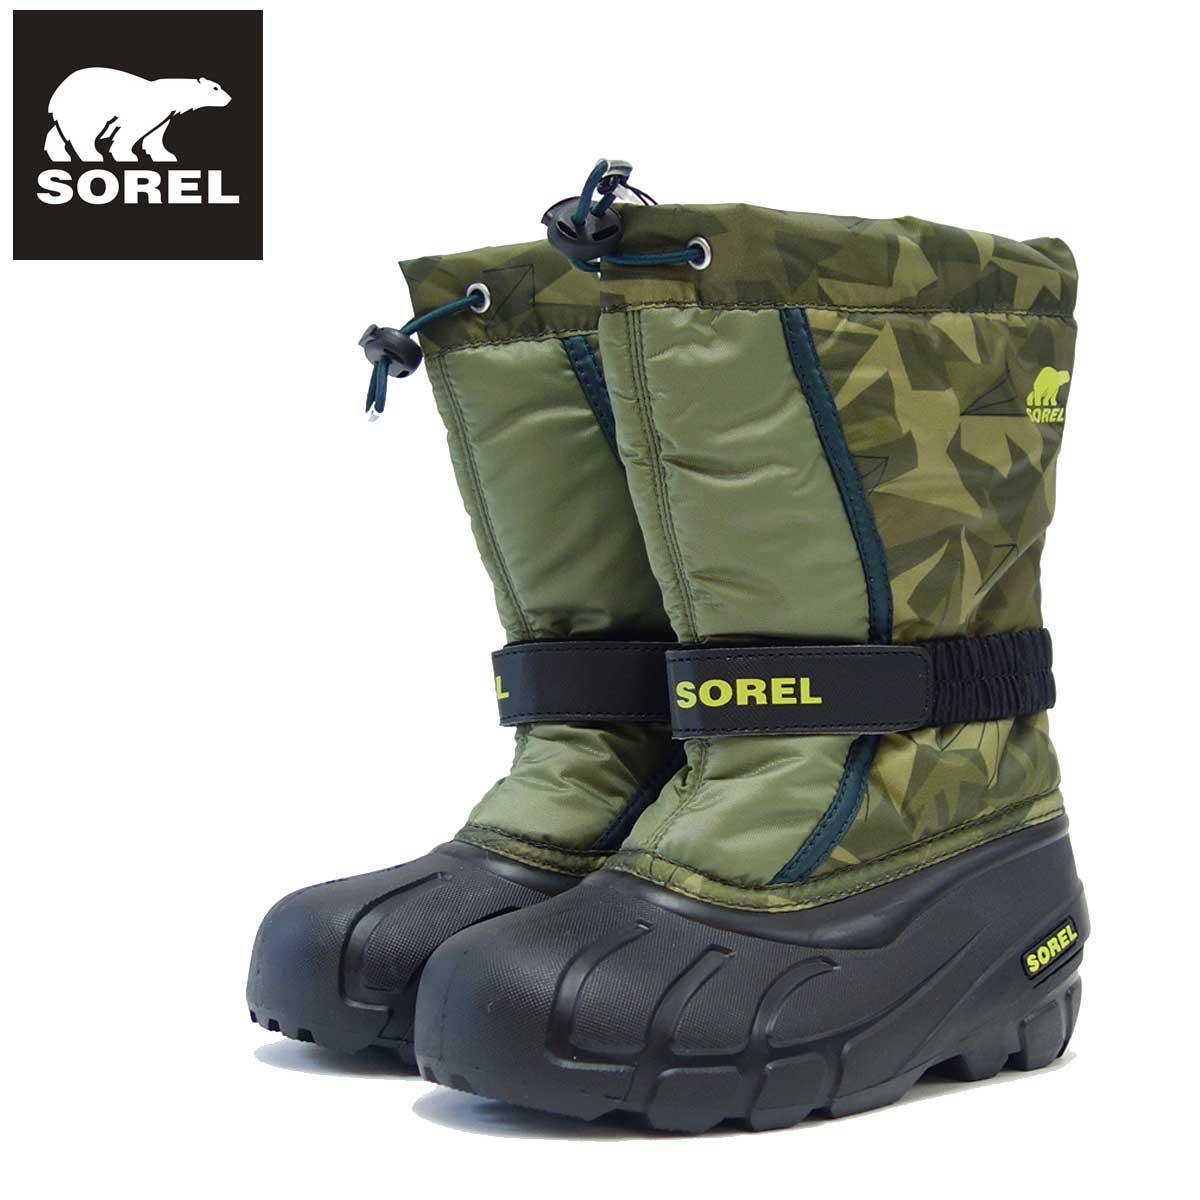 ソレル SOREL NY 3504(キッズ) ユースフルーリー:Hiker Green/Black (371) 「靴」